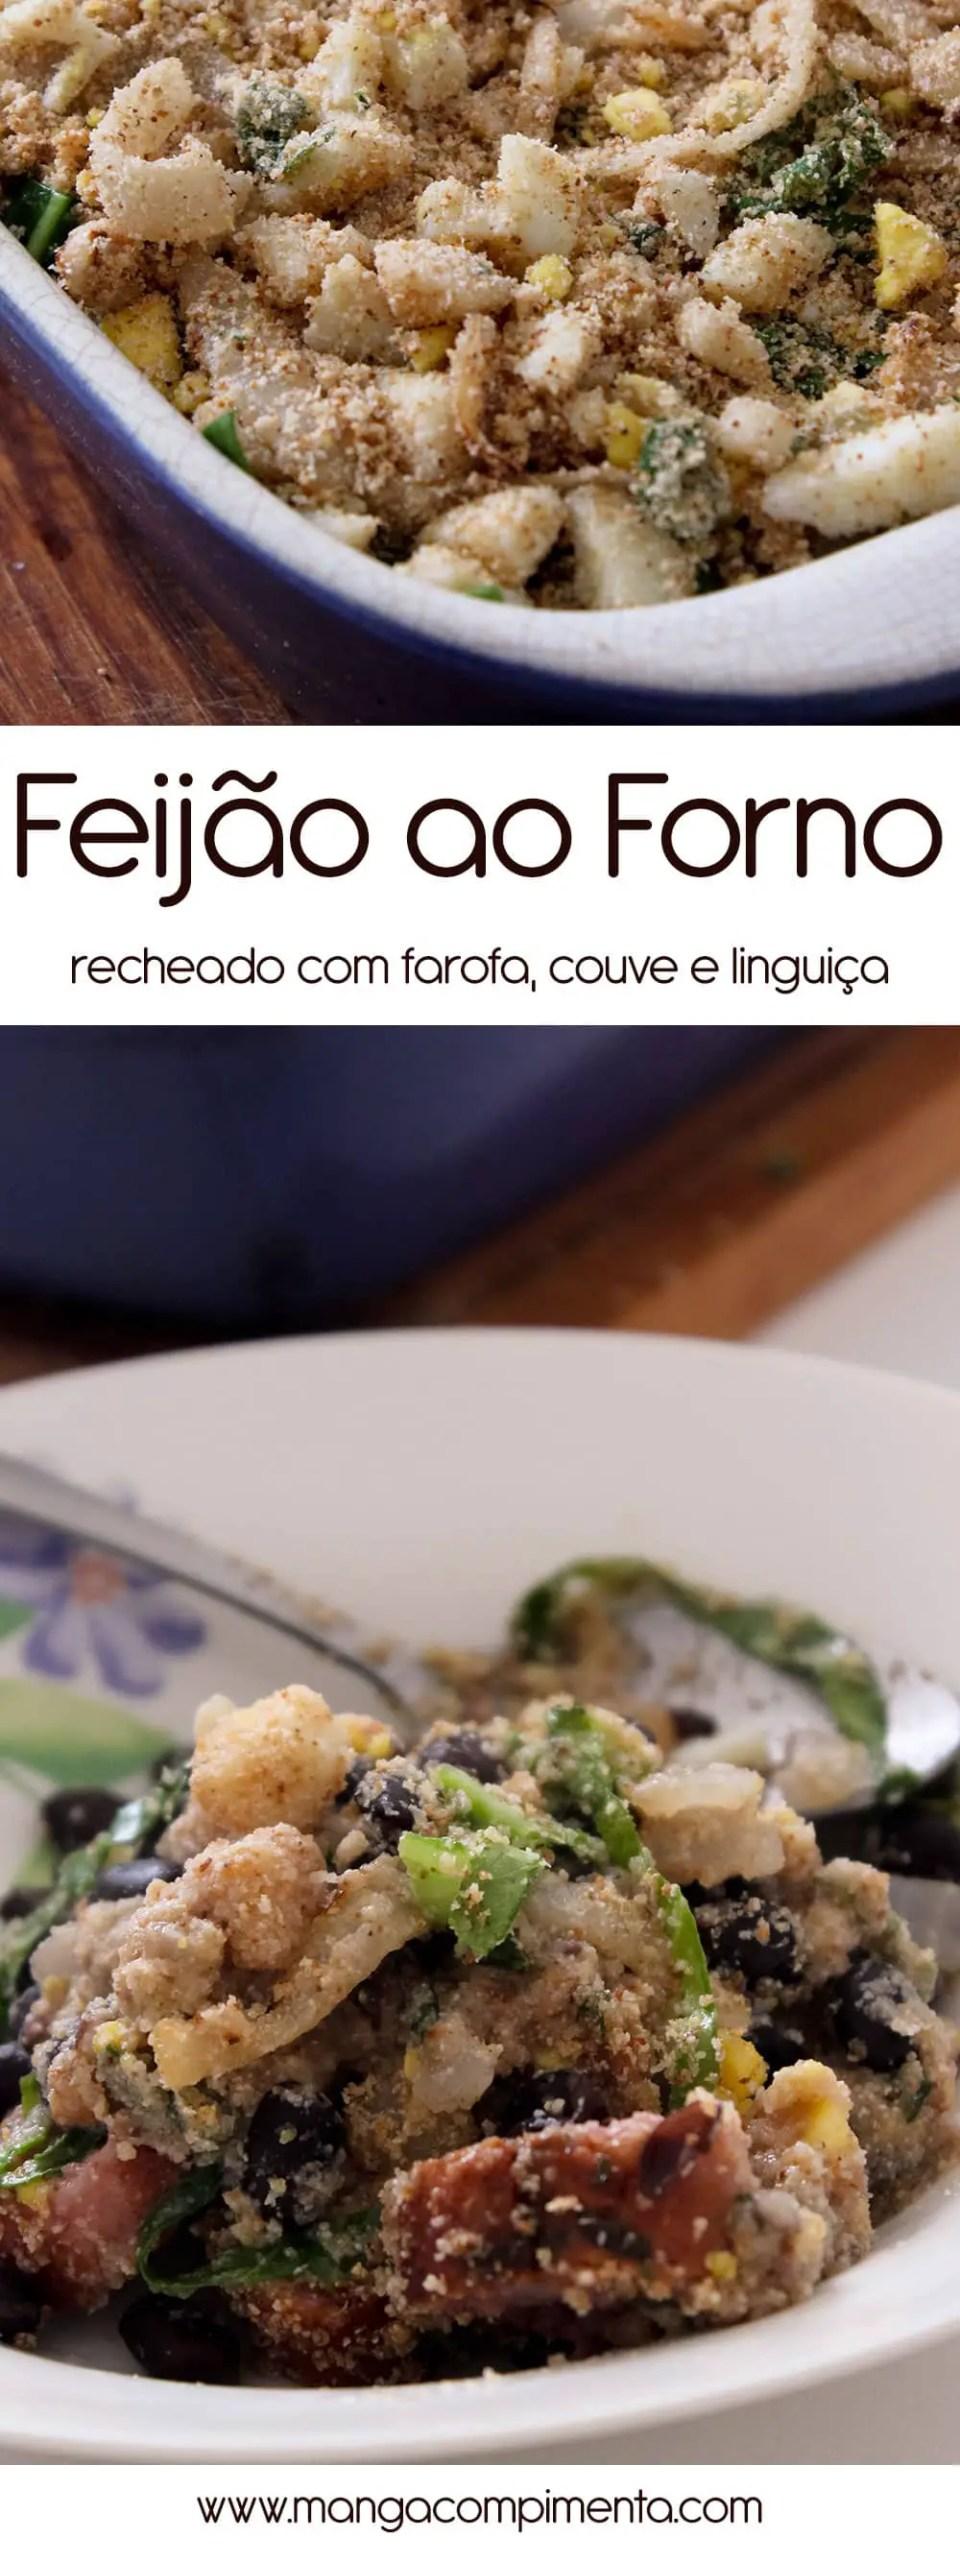 Feijão ao Forno | Recheado com Farofa, Couve e Linguiça, para um almoço especial de família no final de semana!